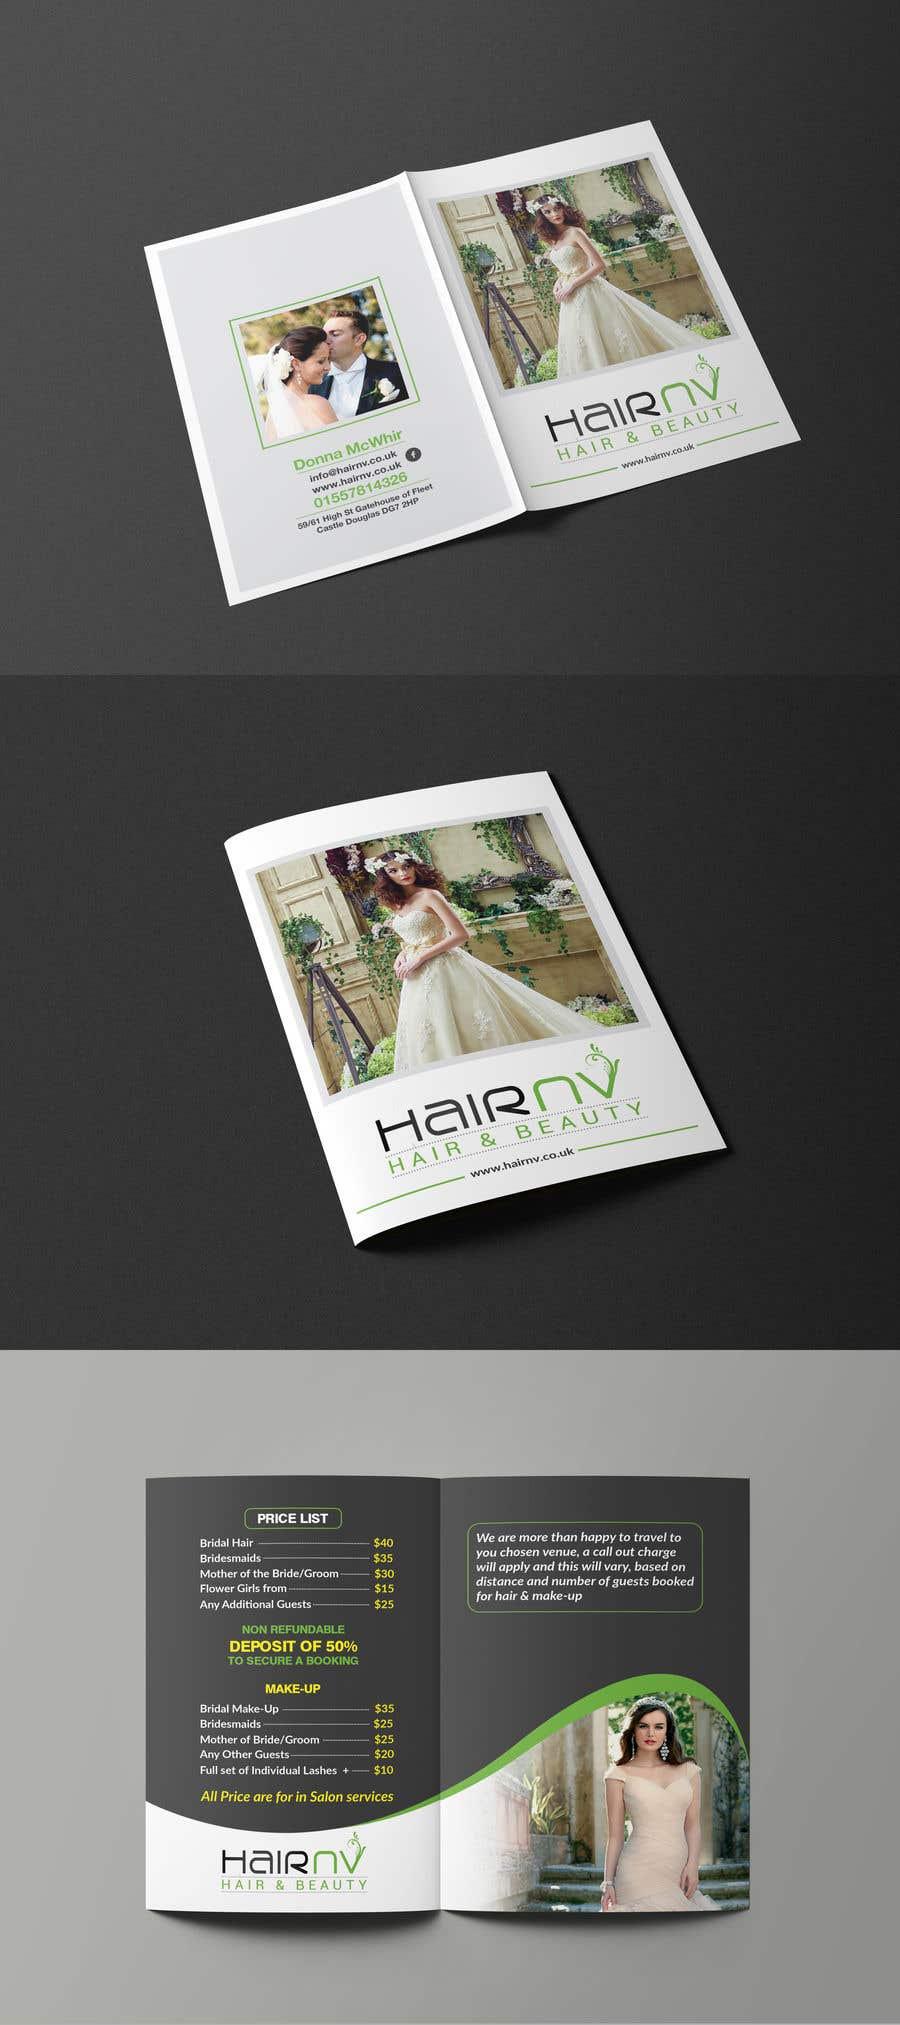 Kilpailutyö #16 kilpailussa Design a Mini Brochure